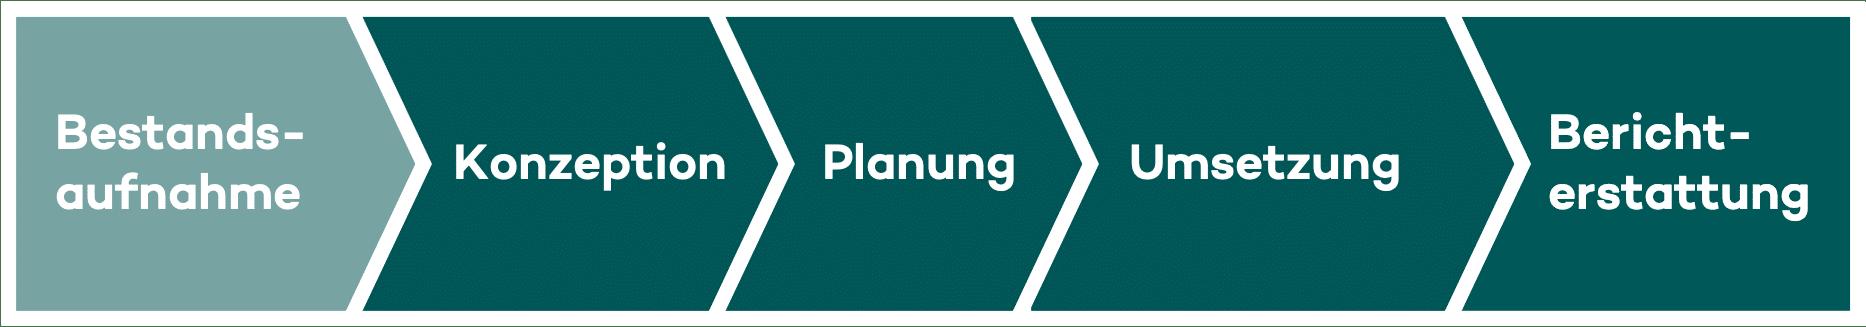 Beratungsmodell Nachhaltigkeitsberatung & -management